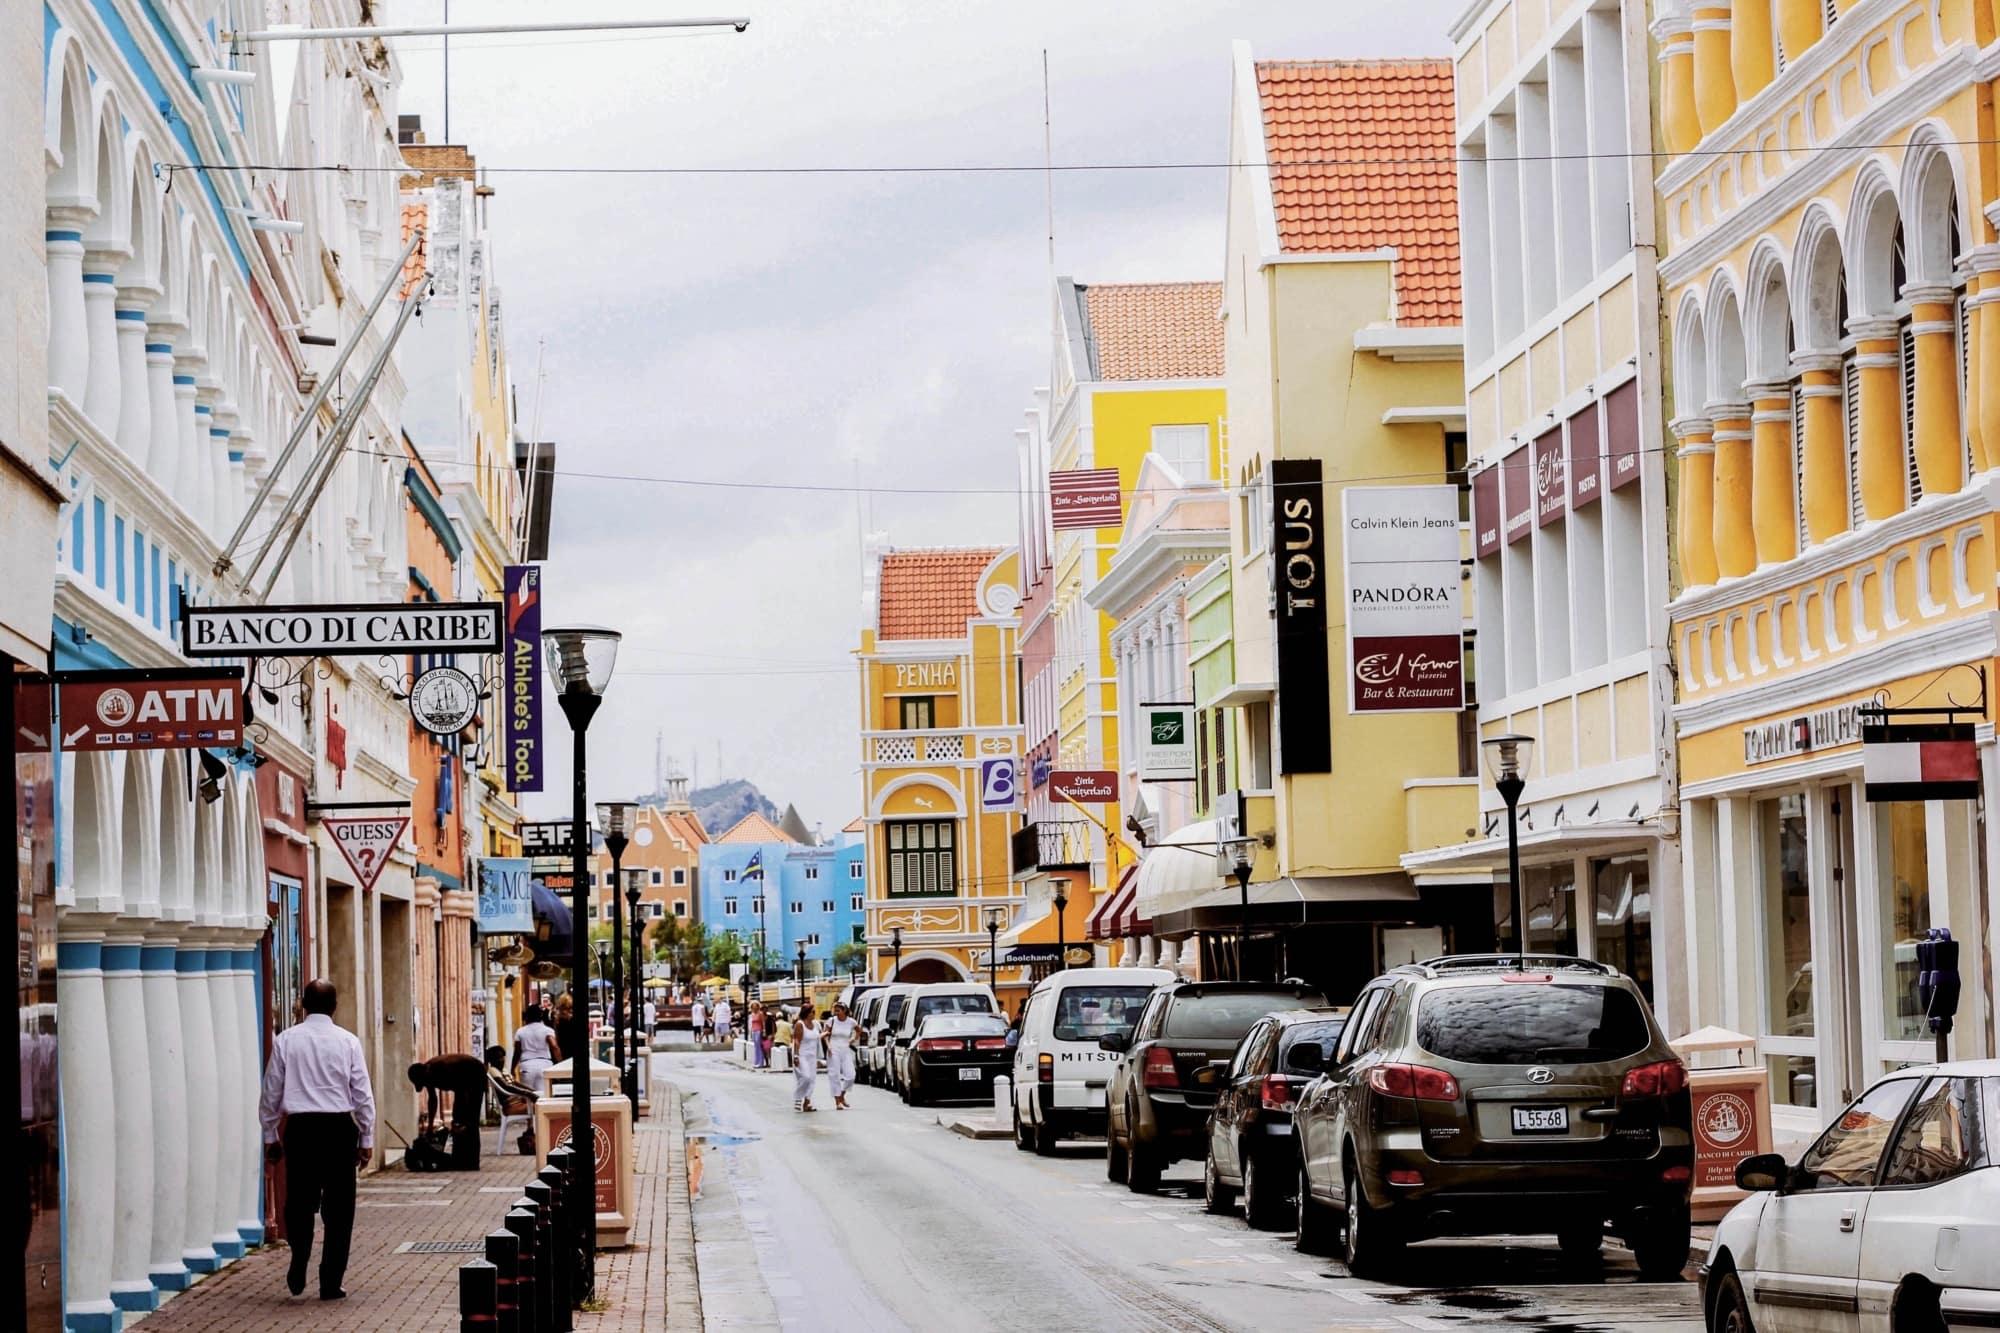 Bunte Häuserfassaden in einer STraße in Willemstad, Curacao